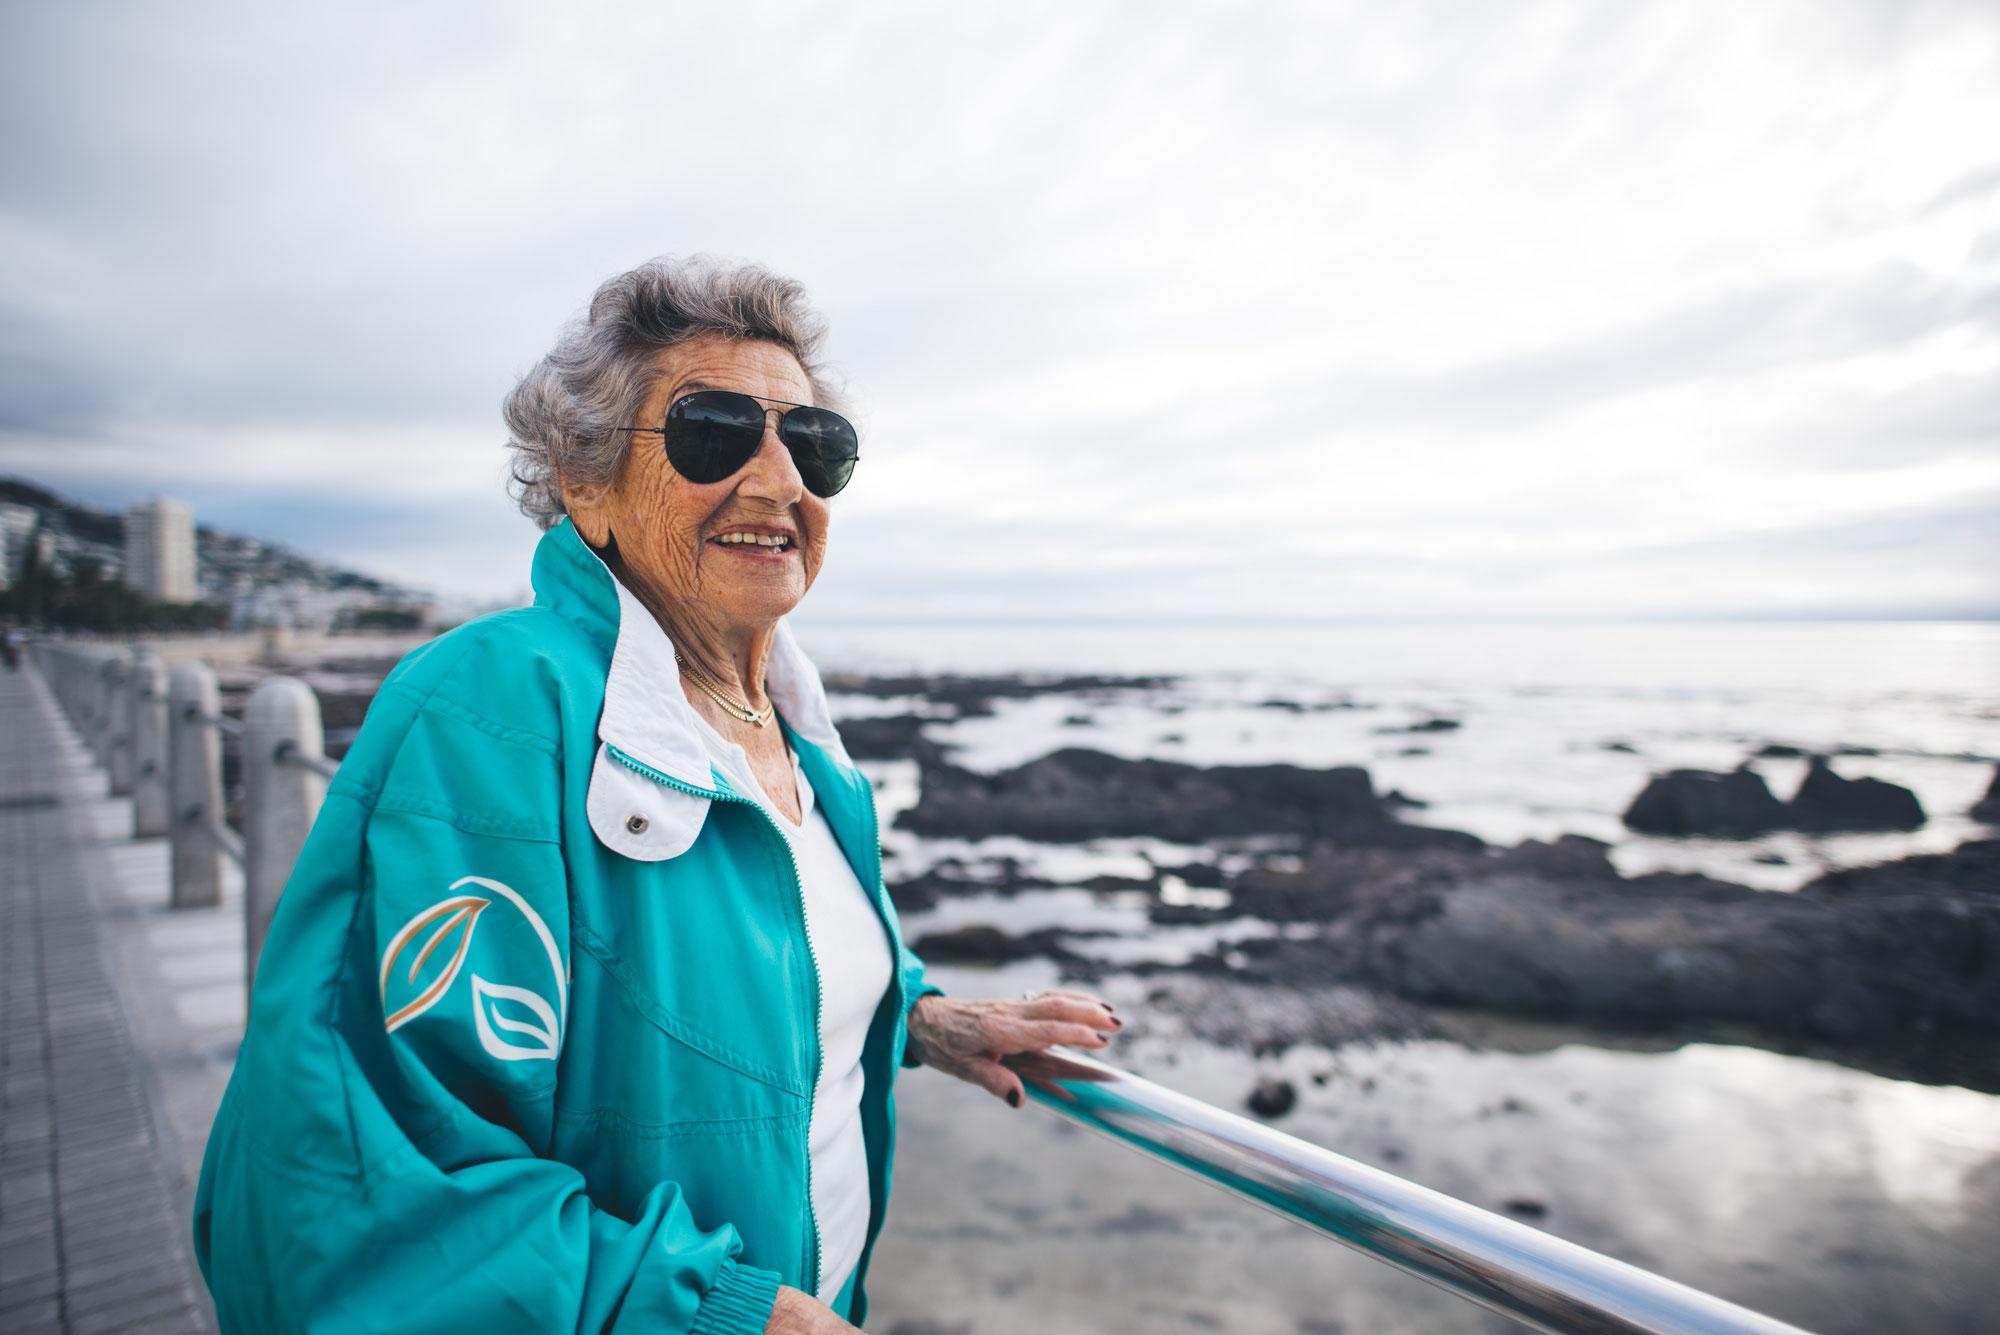 AFRIQUE DU SUD : un documentaire sud-africain sur la plus ancienne survivante de l'Holocauste remporte le prix du meilleur documentaire au DIFF